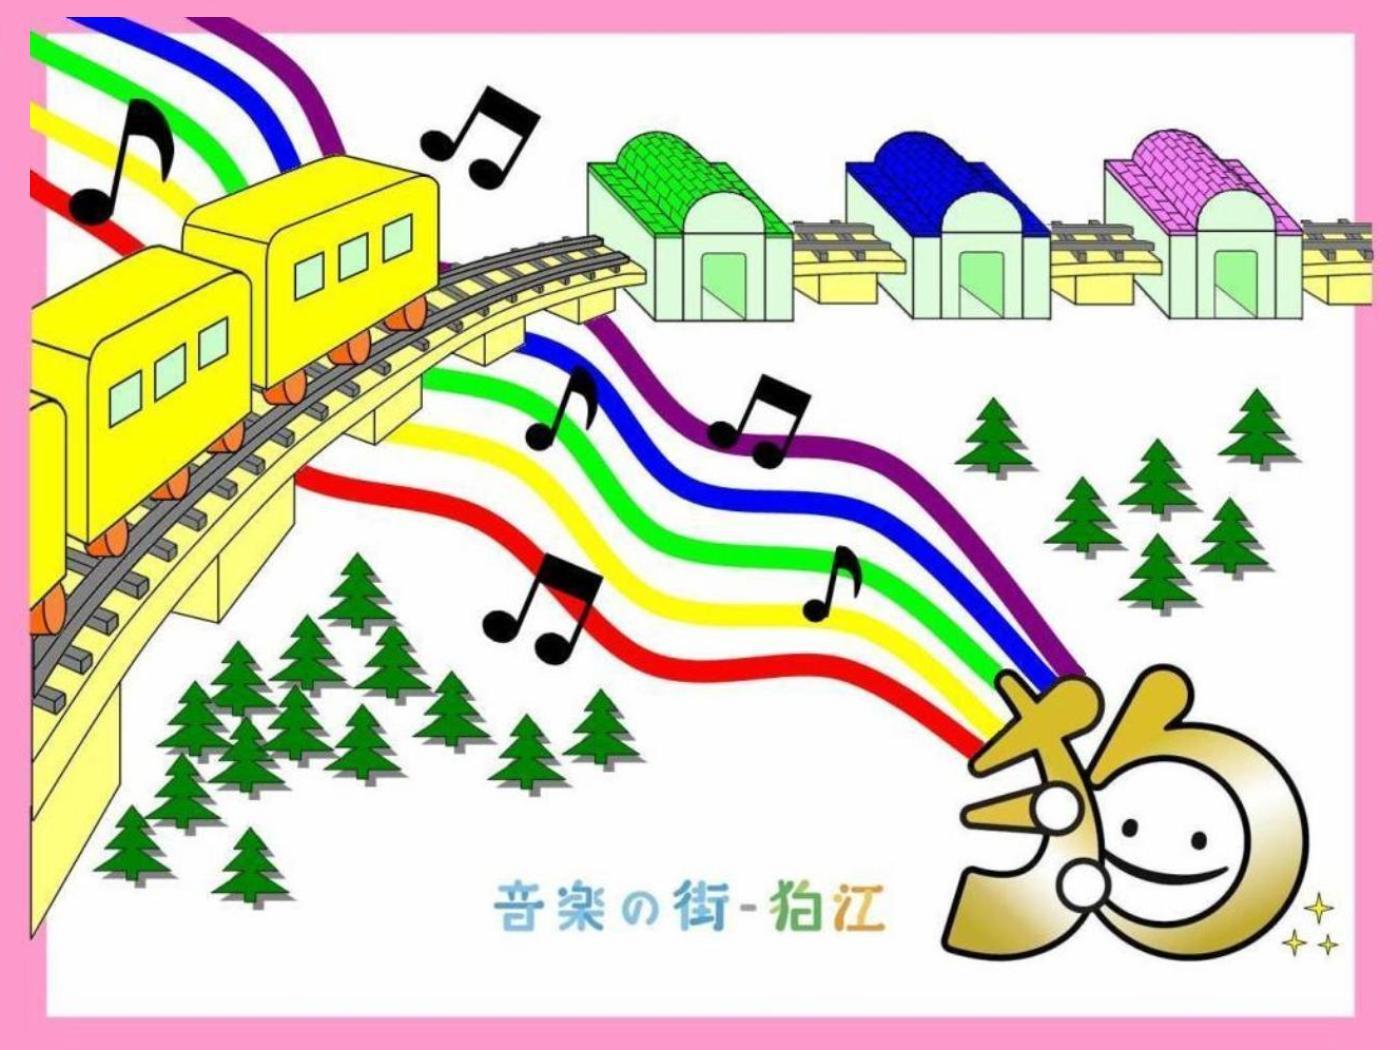 音楽の街 狛江 ロゴマーク壁紙ダウンロード 狛江市役所